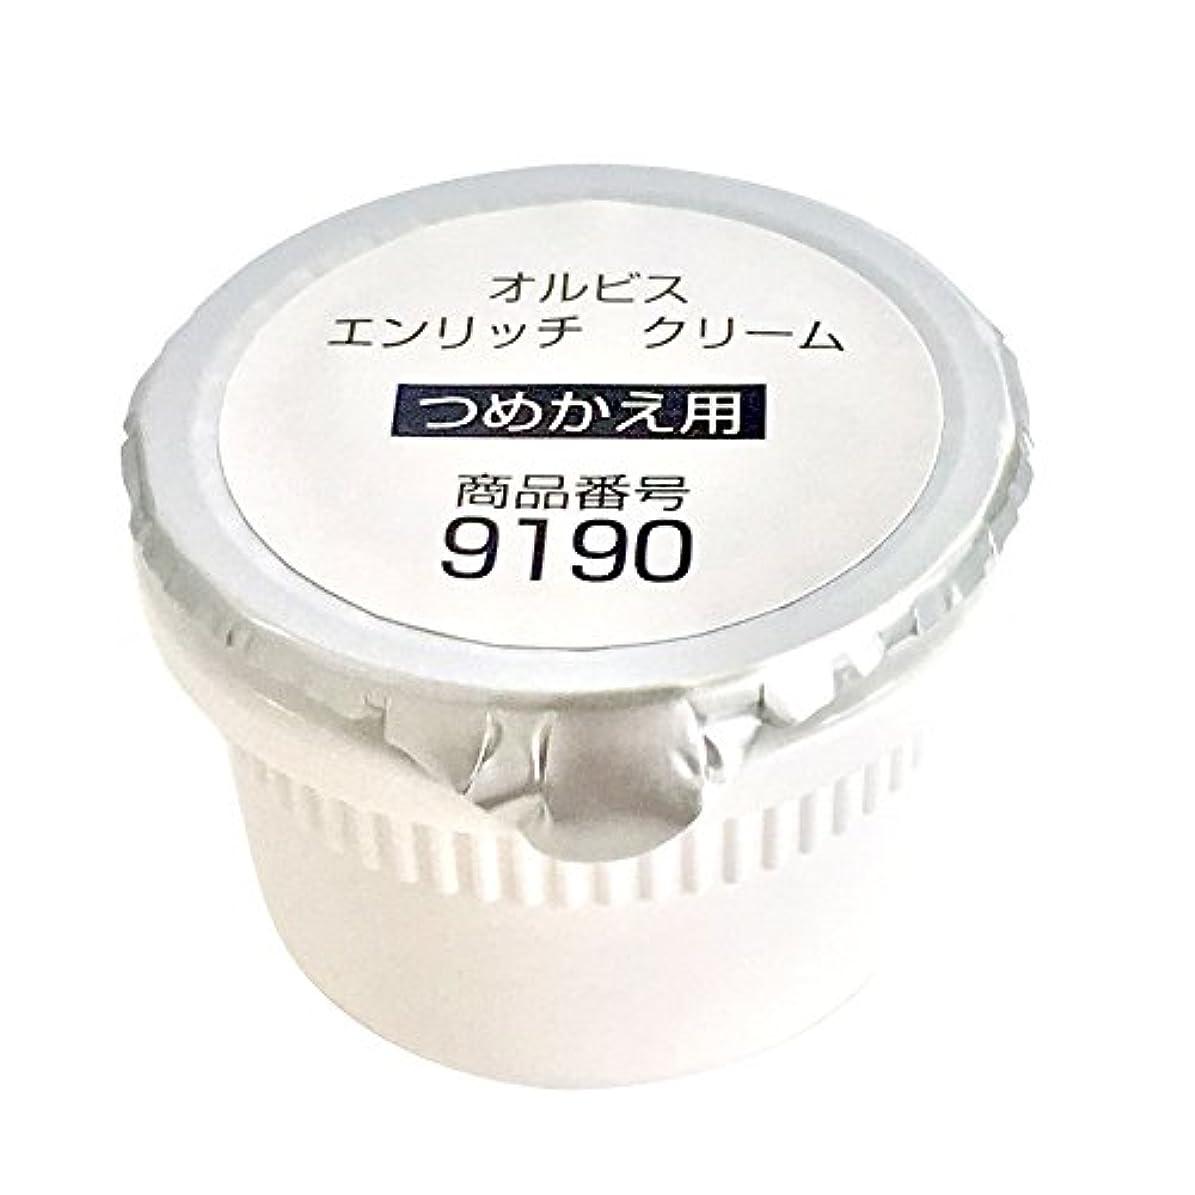 レンジ資格情報ペッカディロオルビス(ORBIS) エンリッチ クリーム 詰替 30g ◎エイジングケアクリーム◎